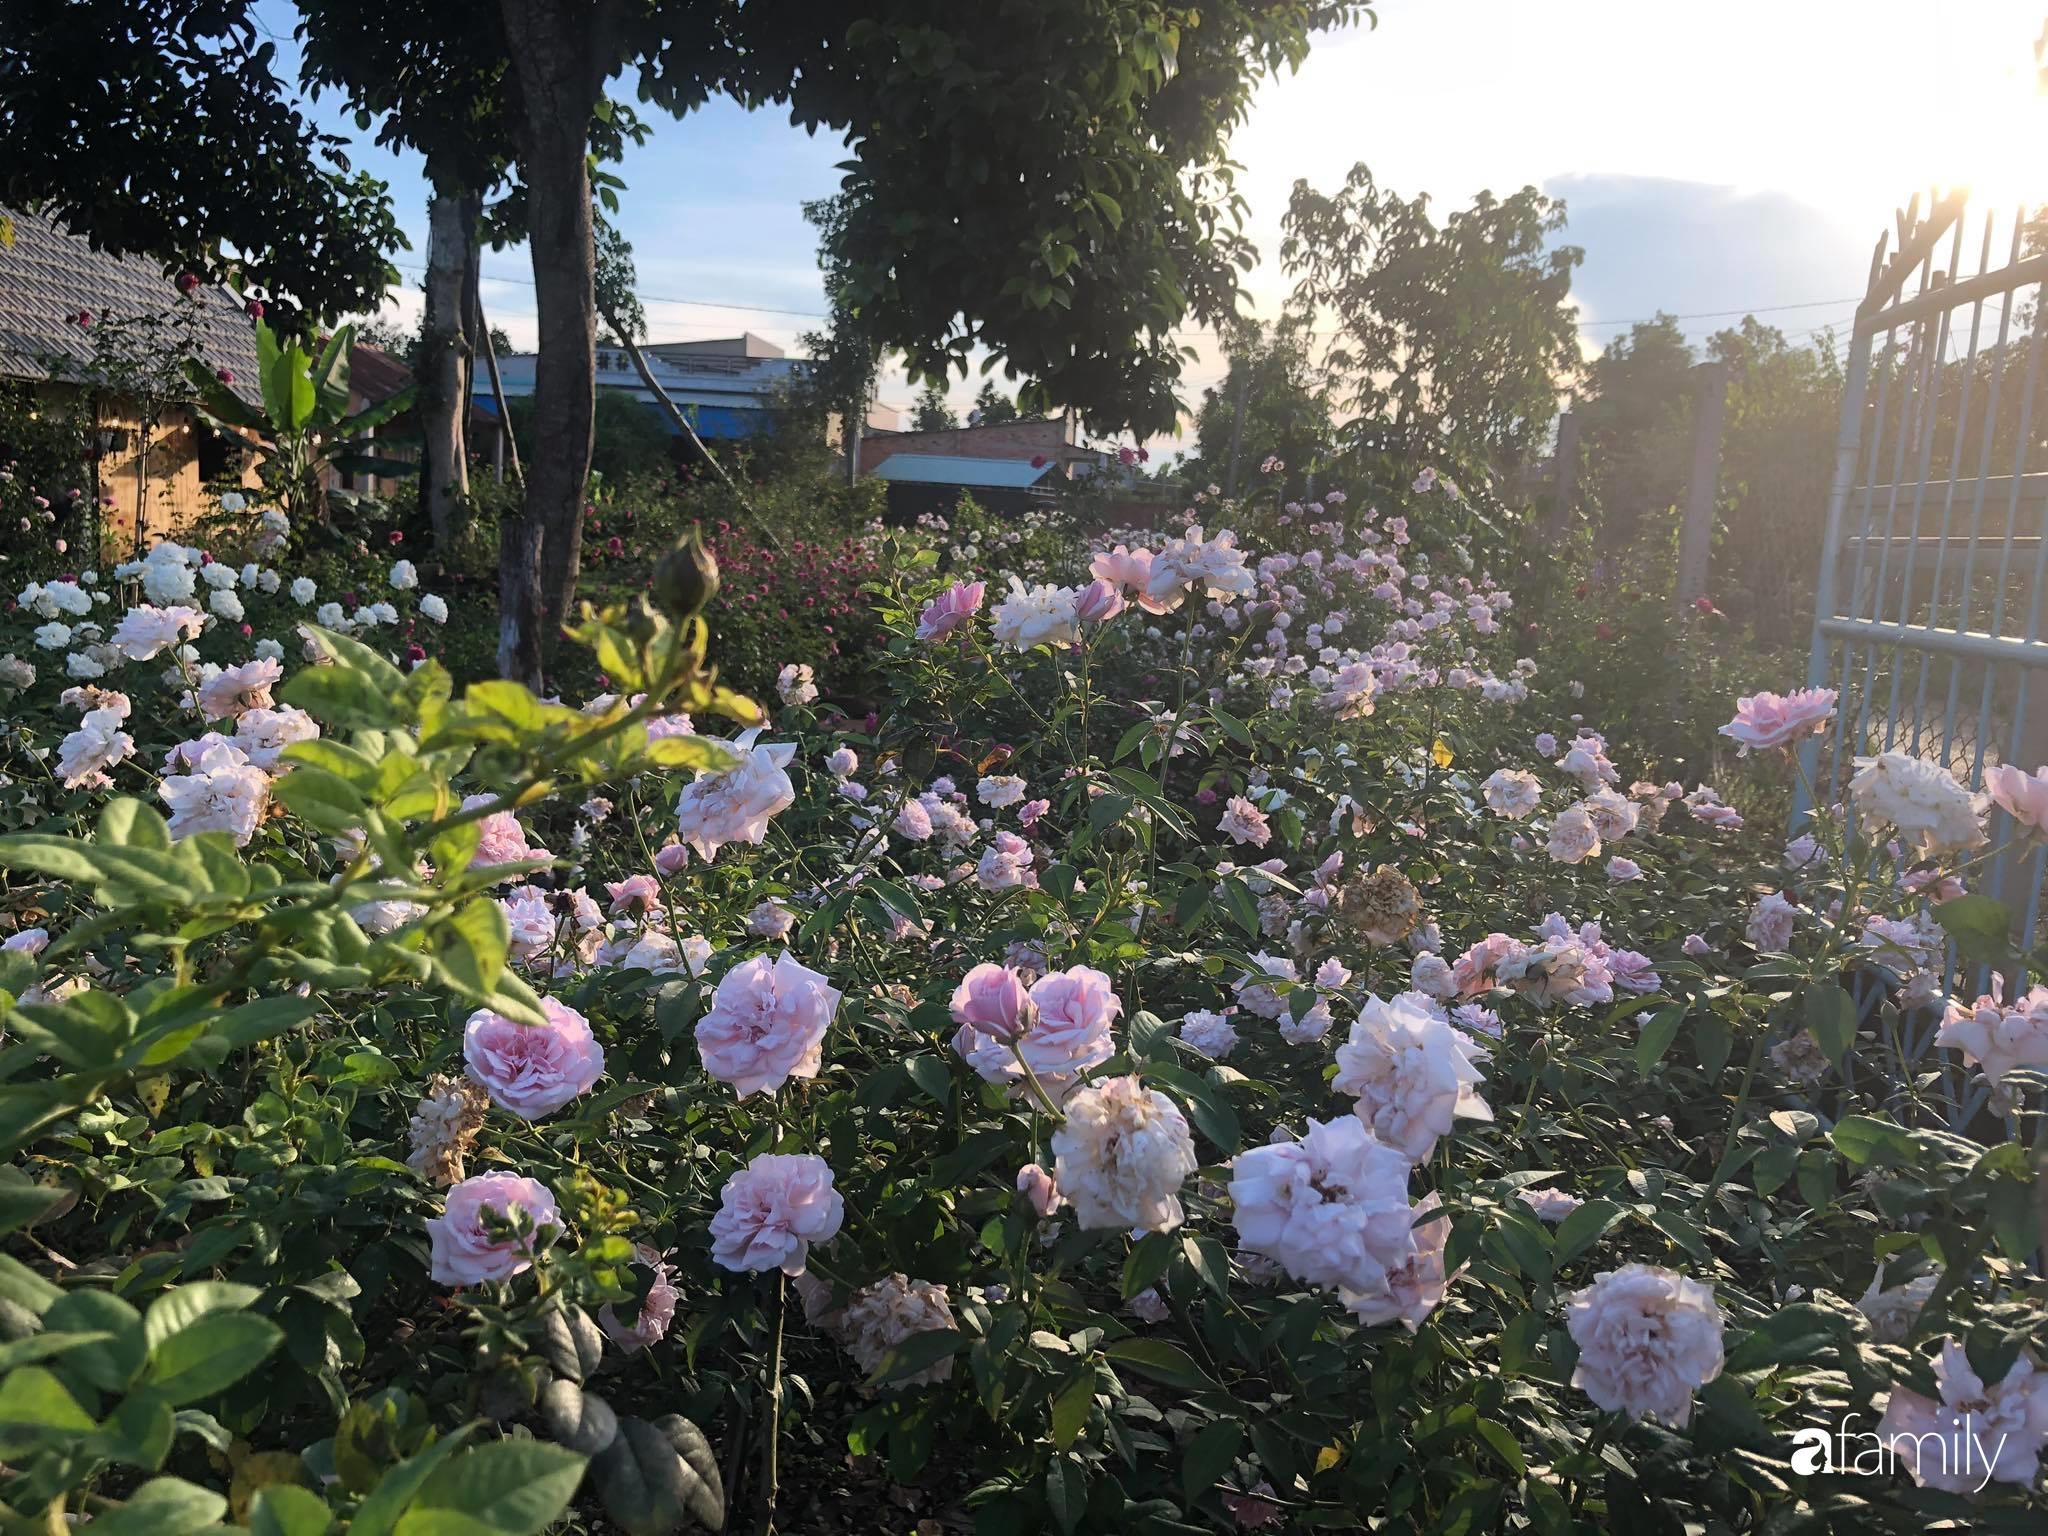 Khu vườn hoa hồng đẹp như cổ tích mà người chồng ngày đêm chăm sóc để tặng vợ con ở Vũng Tàu-27